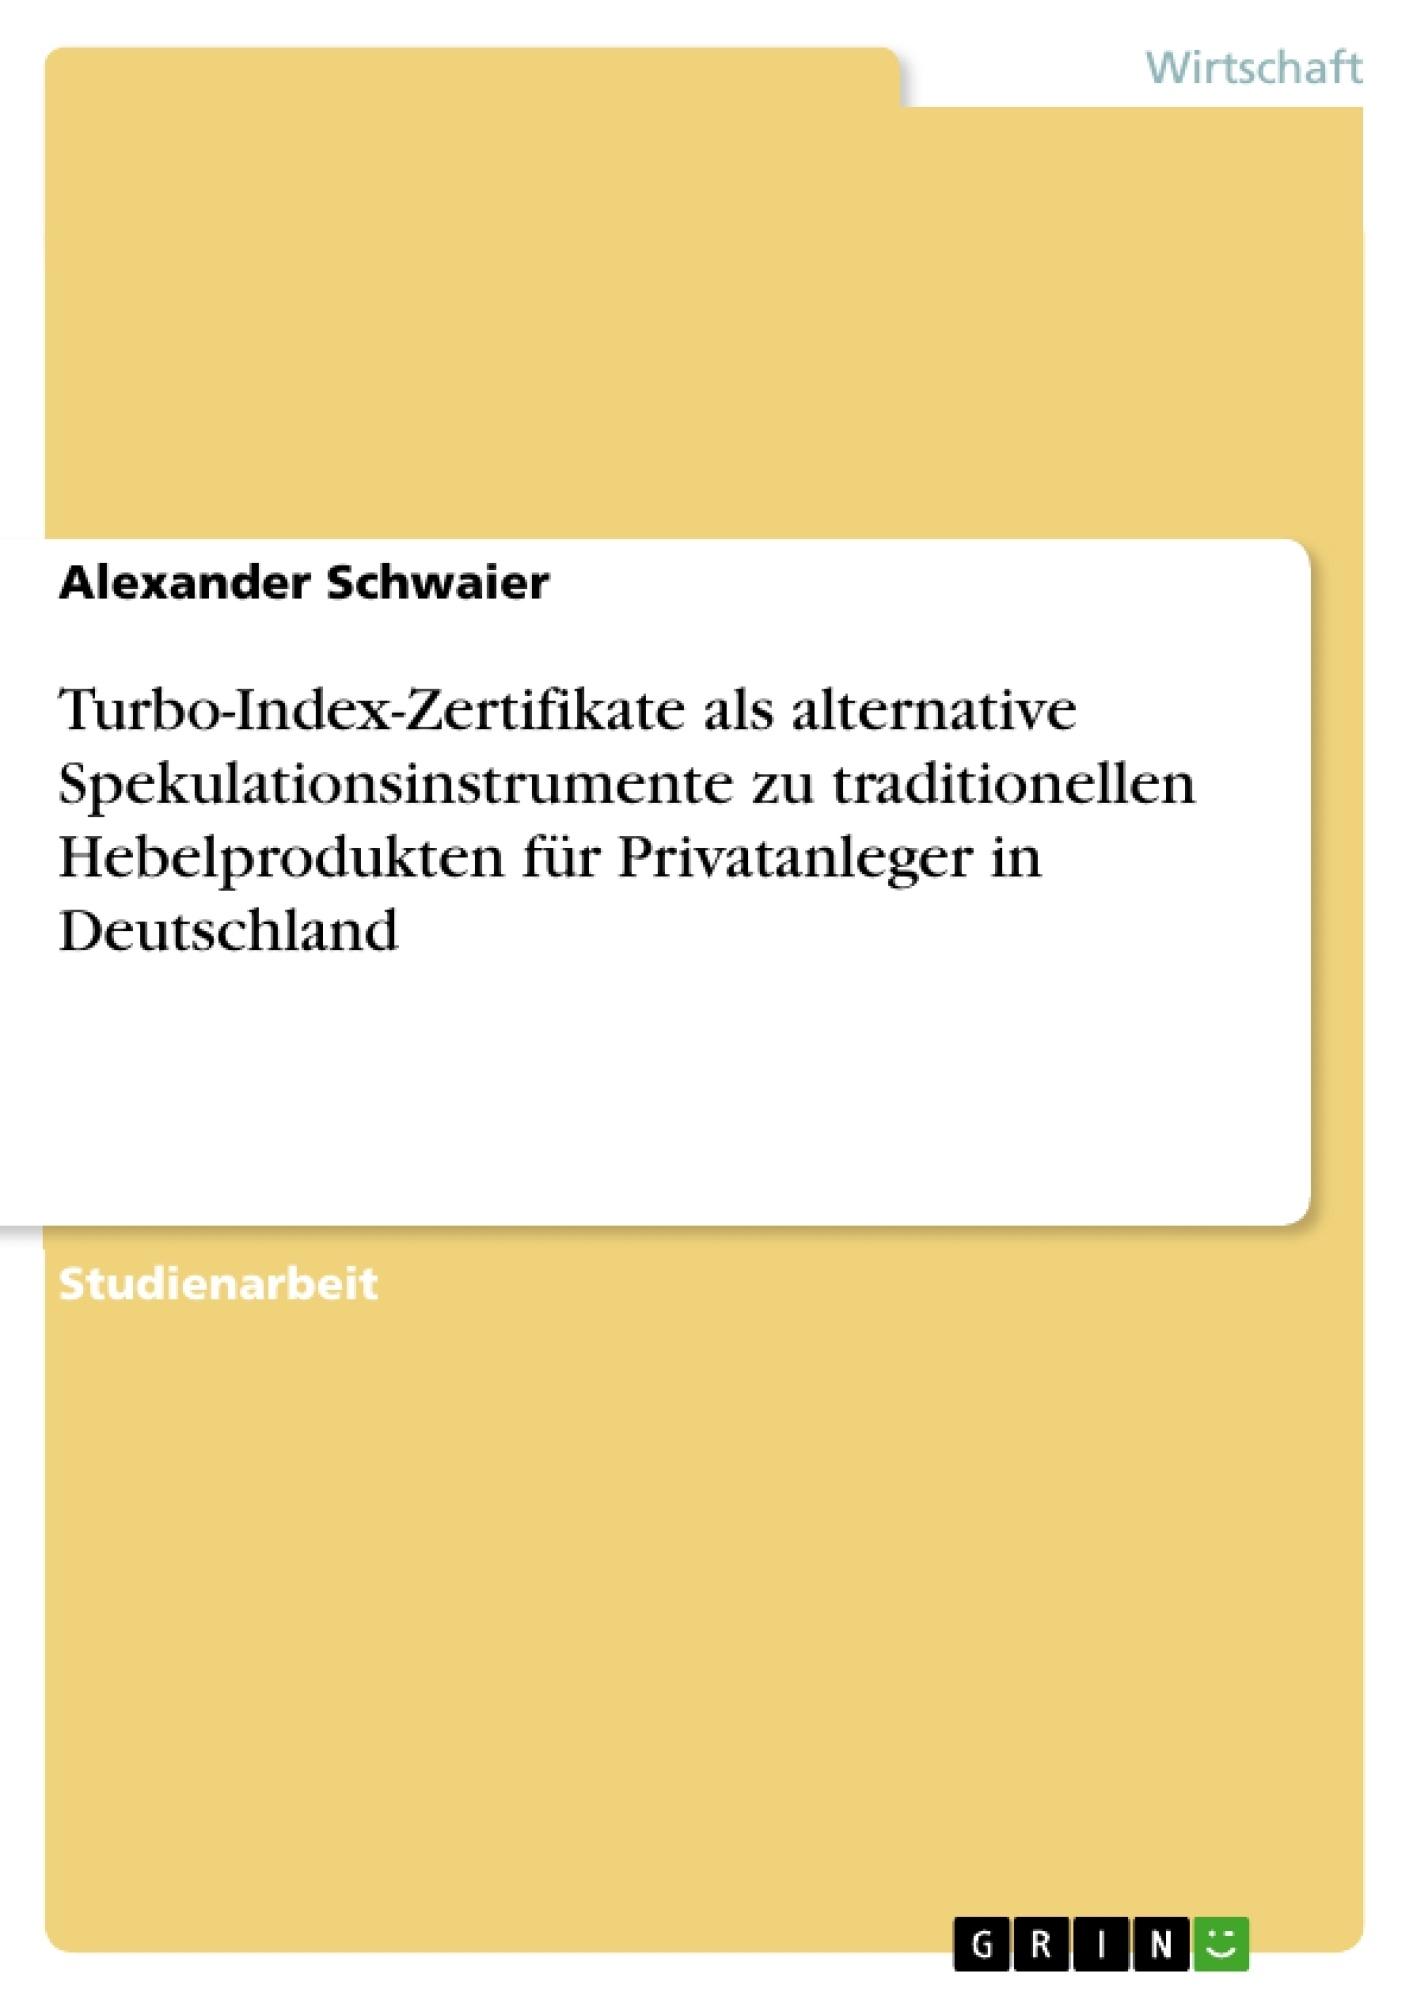 Titel: Turbo-Index-Zertifikate als alternative Spekulationsinstrumente zu traditionellen Hebelprodukten für Privatanleger in Deutschland